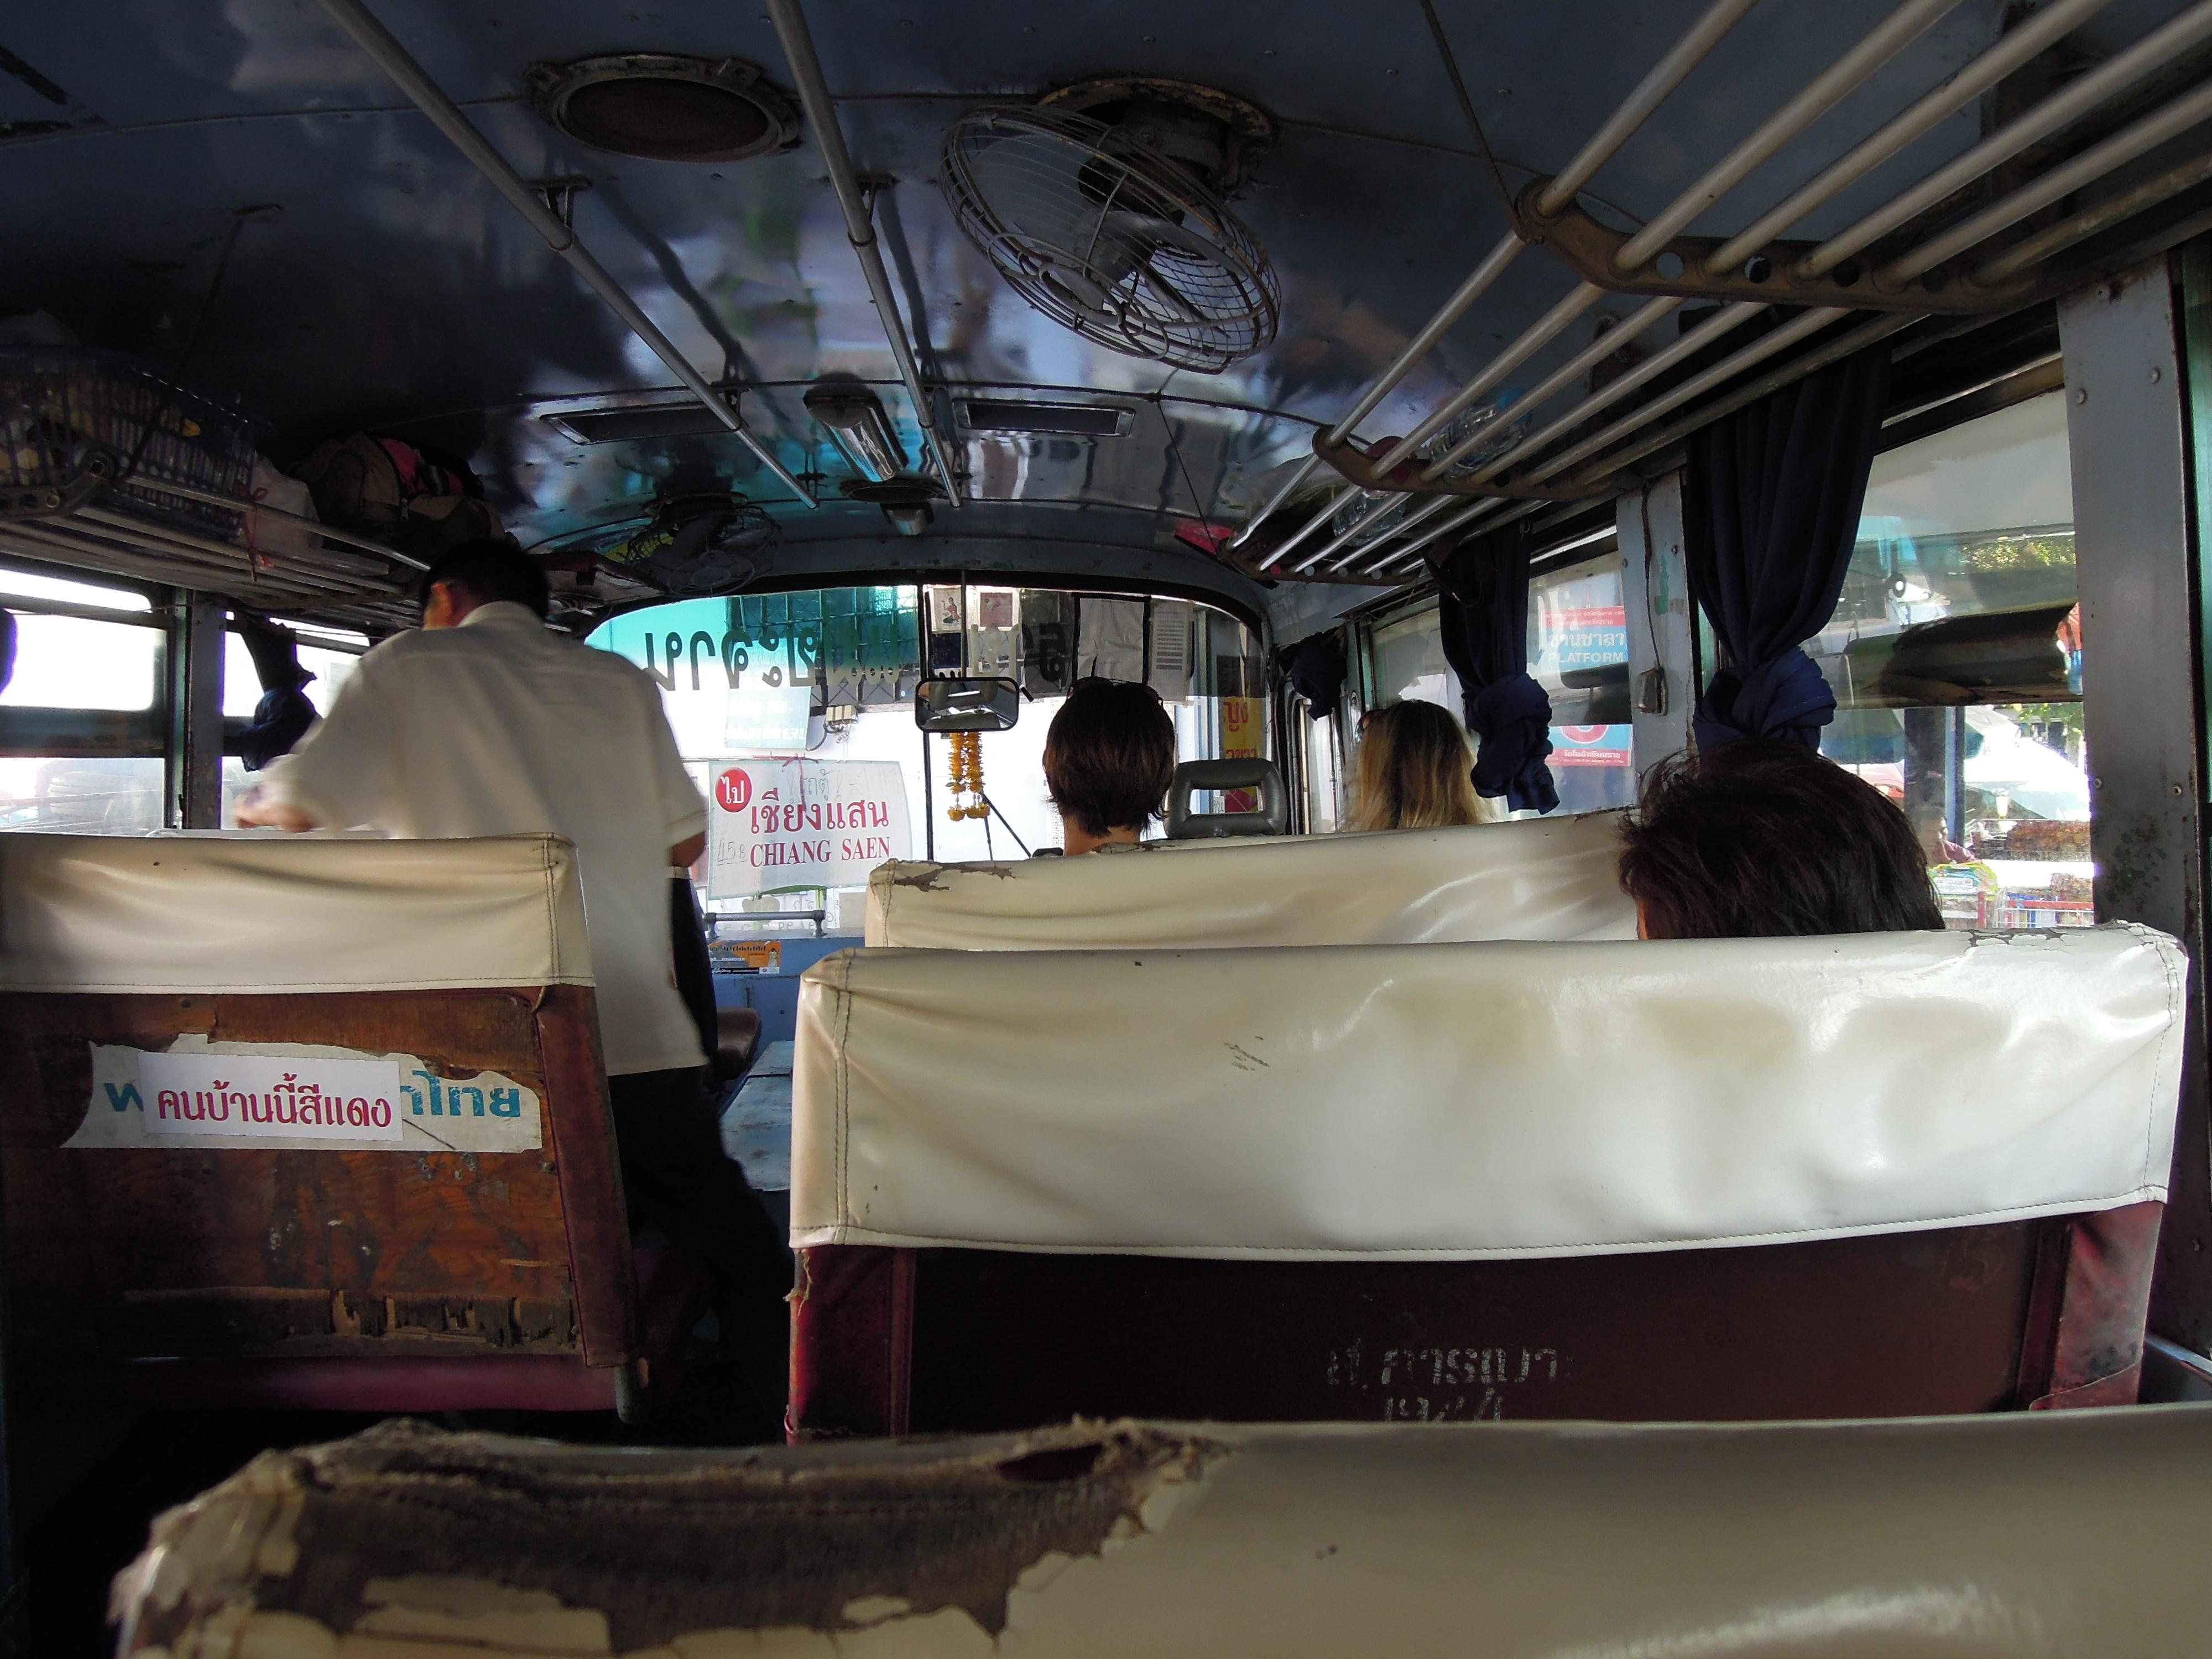 Podróż autobusem jest równie ekscytująca. Trzymaj się mocno na zakrętach, bo drzwi z pewnością pozostaną otwarte..., fot. A. Mielczarek